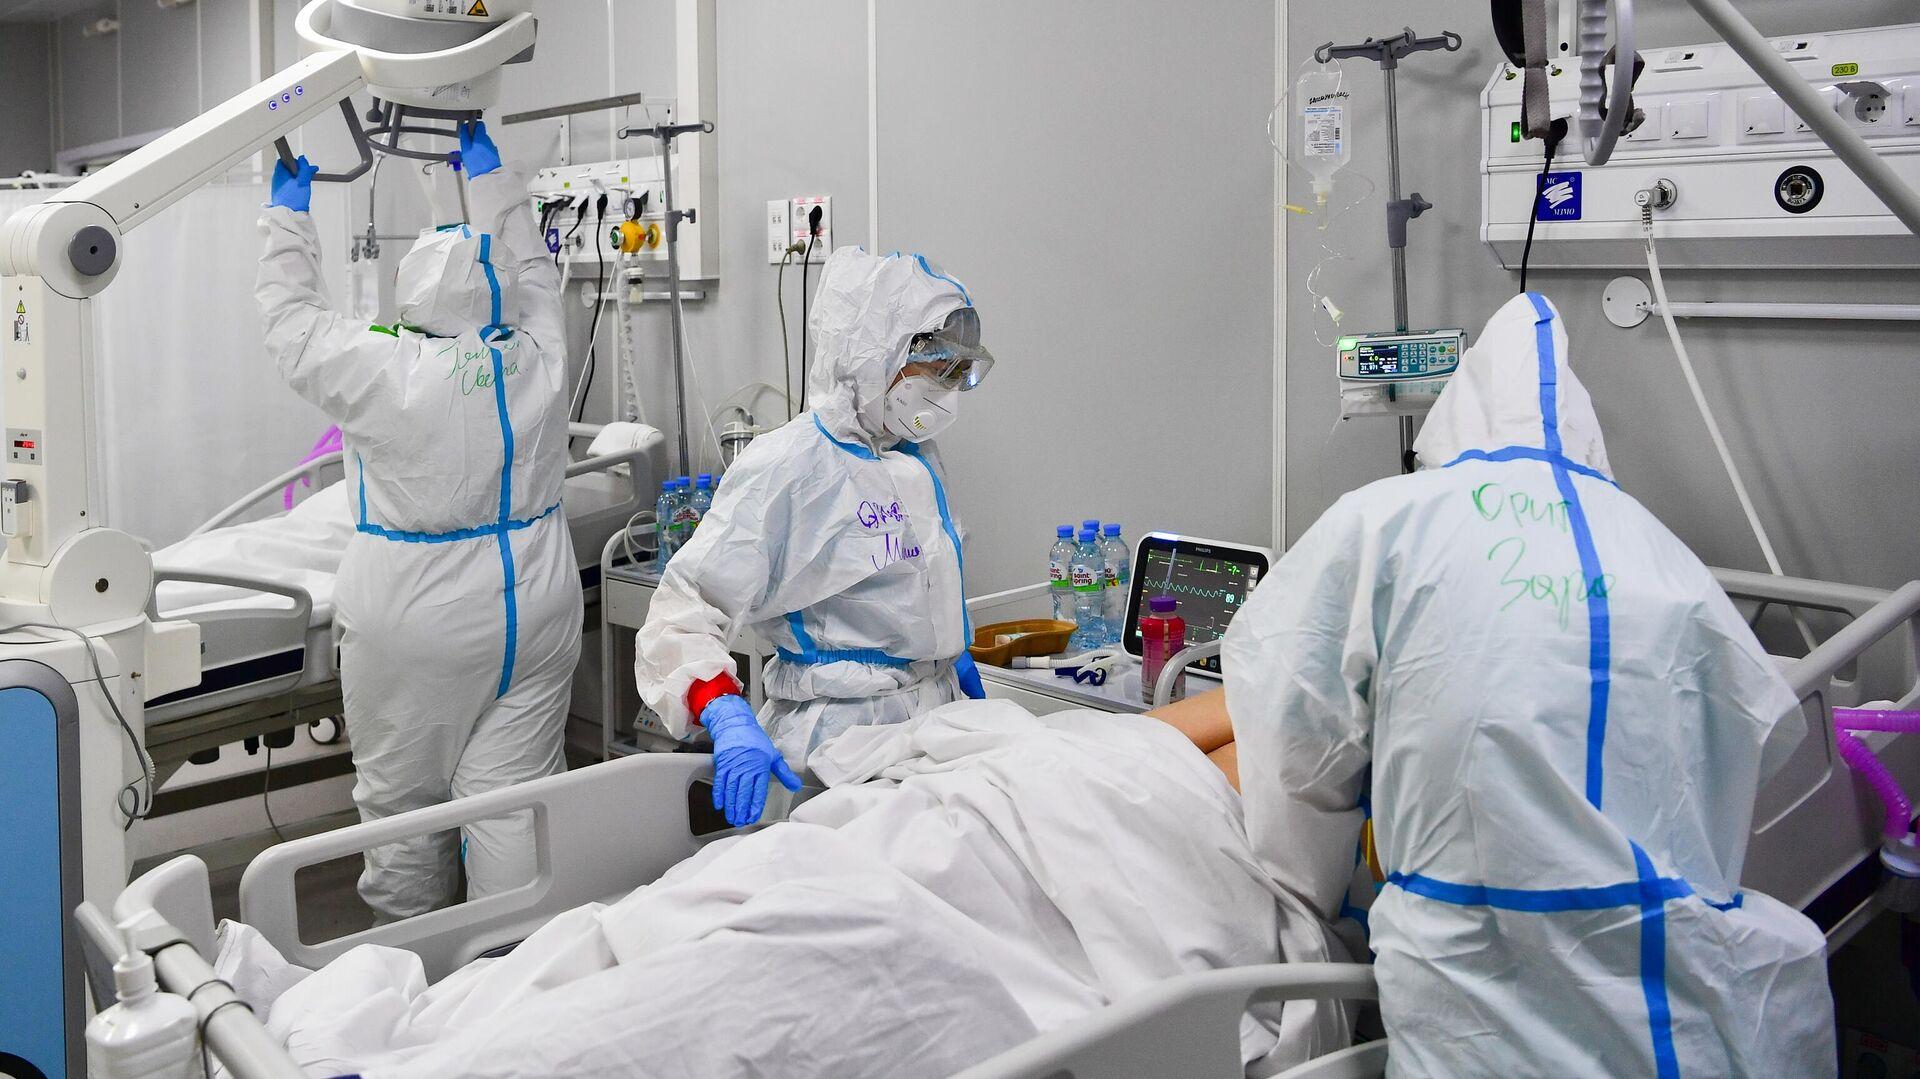 Медицинские работники и пациенты во временном госпитале для пациентов с COVID-19 в Москве - РИА Новости, 1920, 04.10.2021